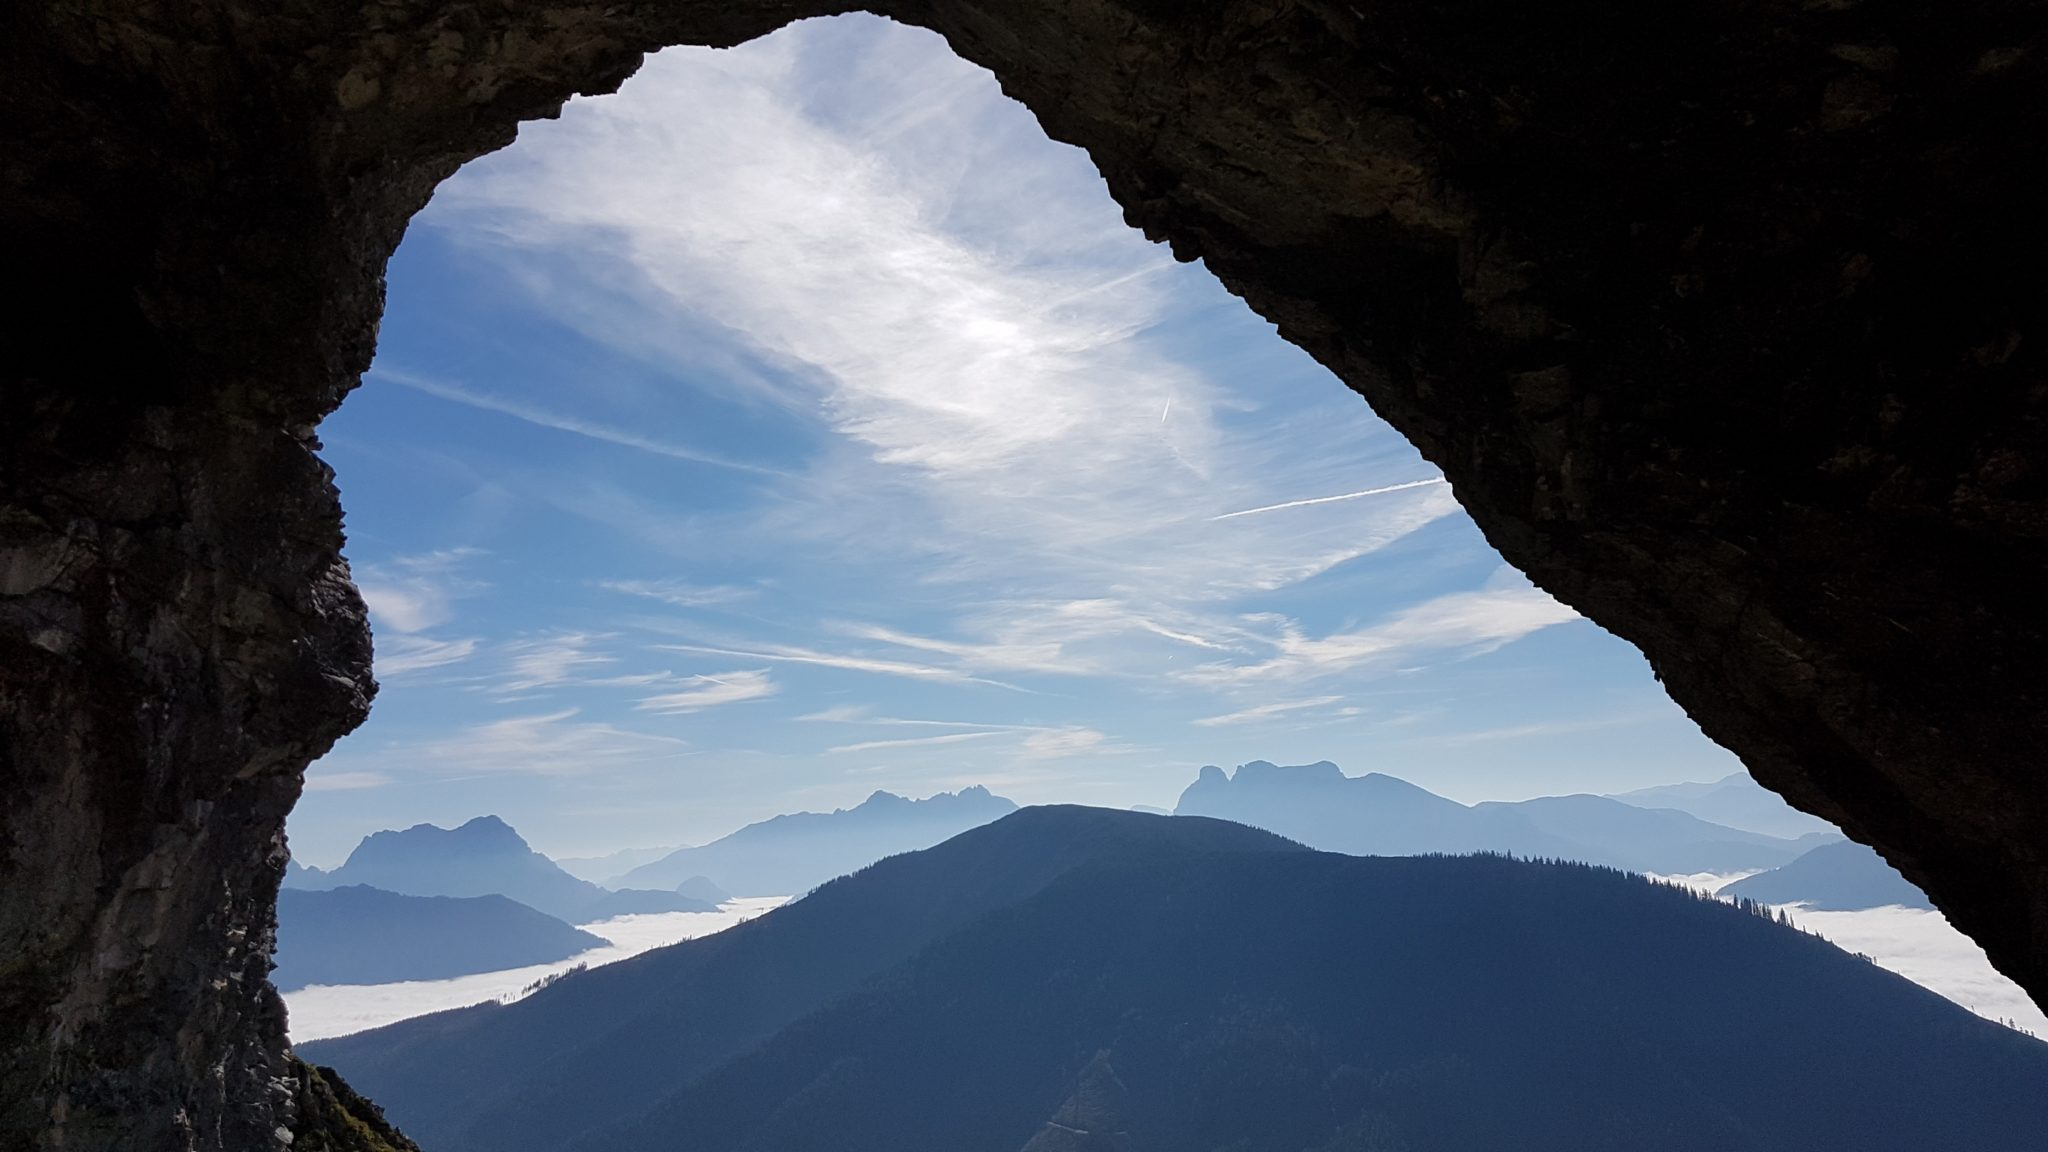 Gesäuse Wildfrauenhöhle Ardningalm Privatzimmer und Ferienwohnungen Gassner Nationalpark Gesäuse